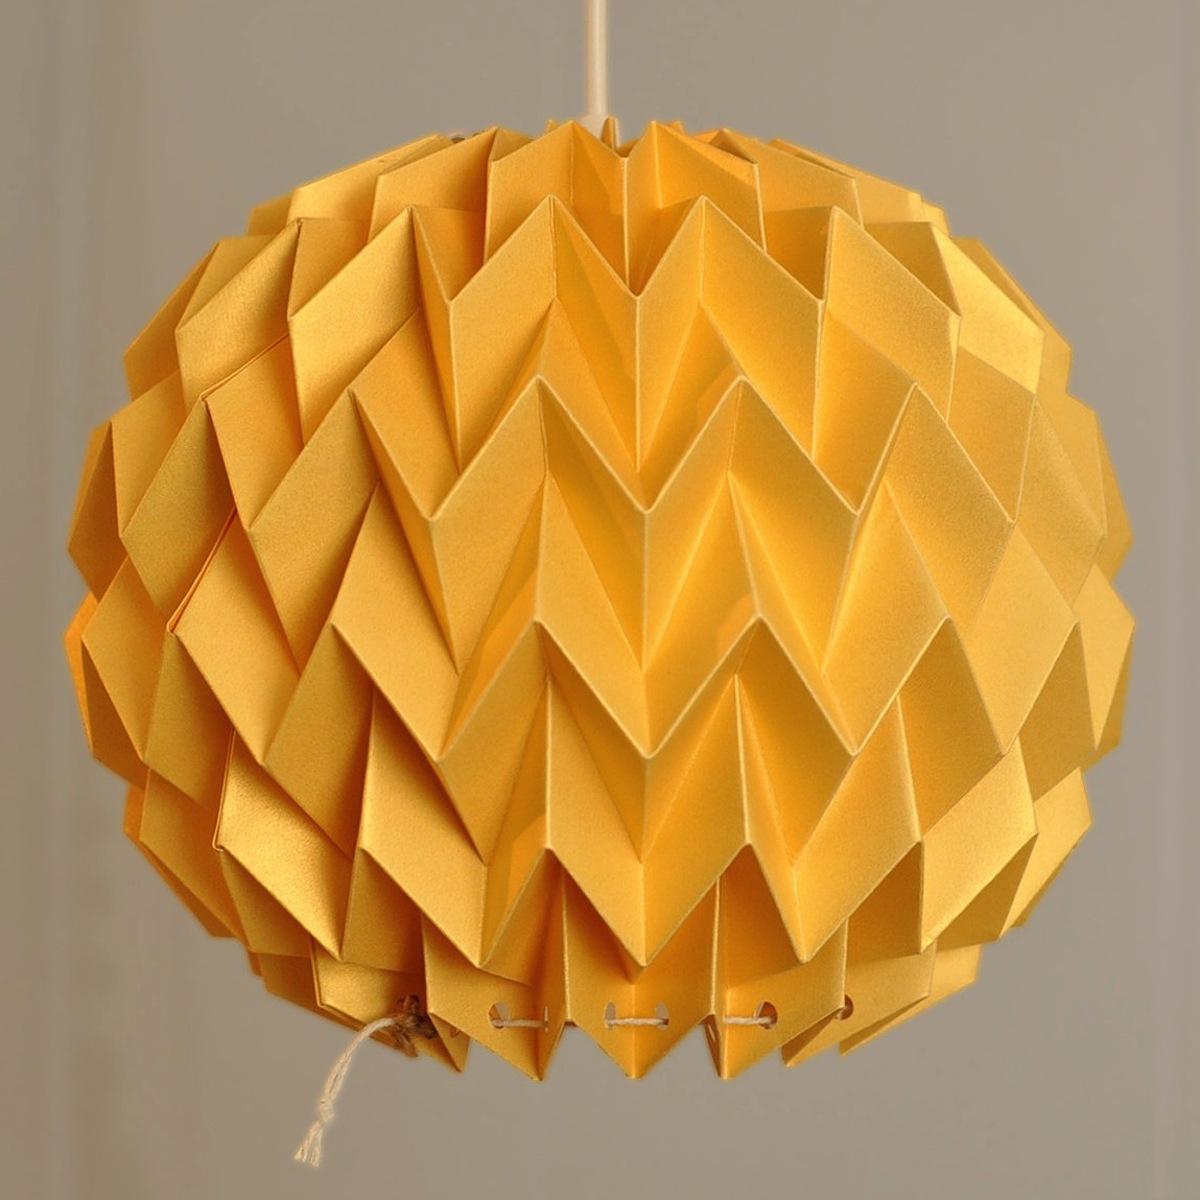 Fiber Store Bubble Yellow   イエロー - 折り紙のような陰影がアートなランプシェード